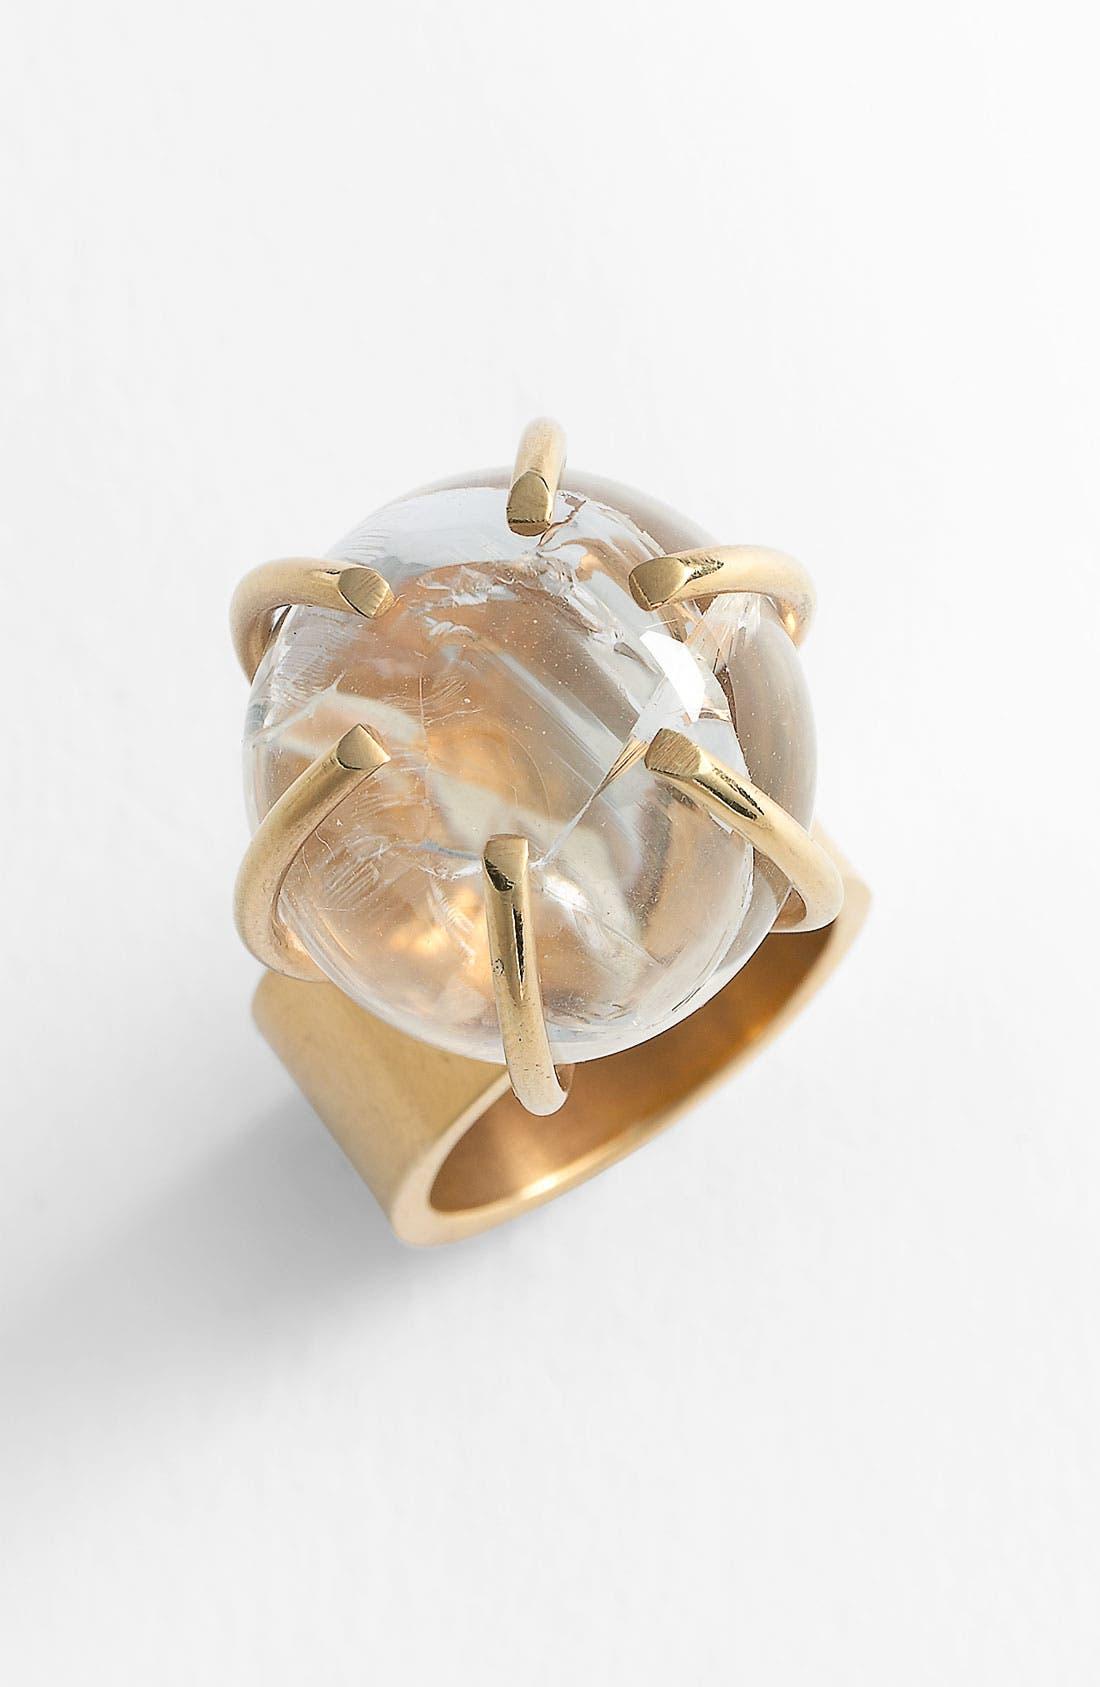 Main Image - Kelly Wearstler Quartz Ring